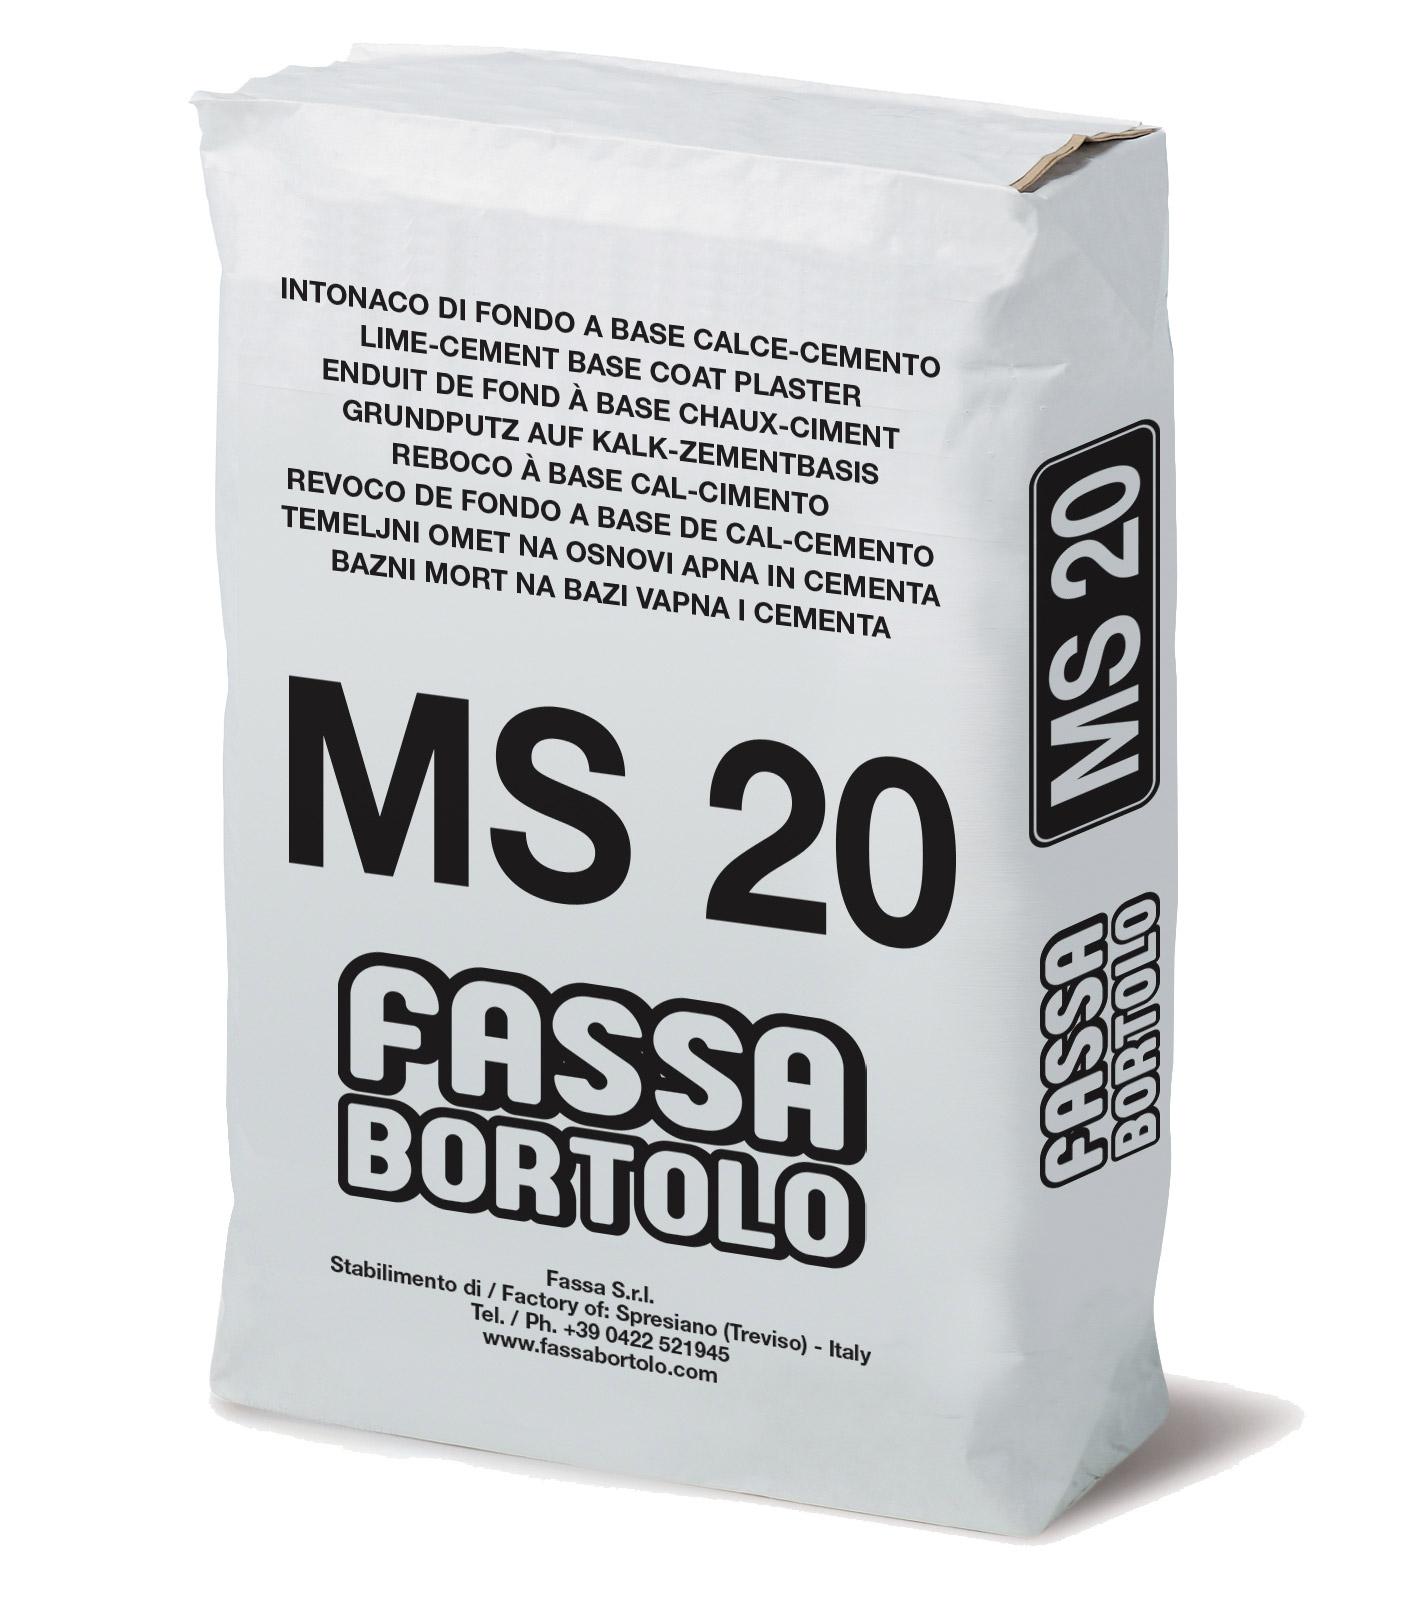 MS 20: Malta cementizia fibrorinforzata per muratura ed intonaco, per interni ed esterni